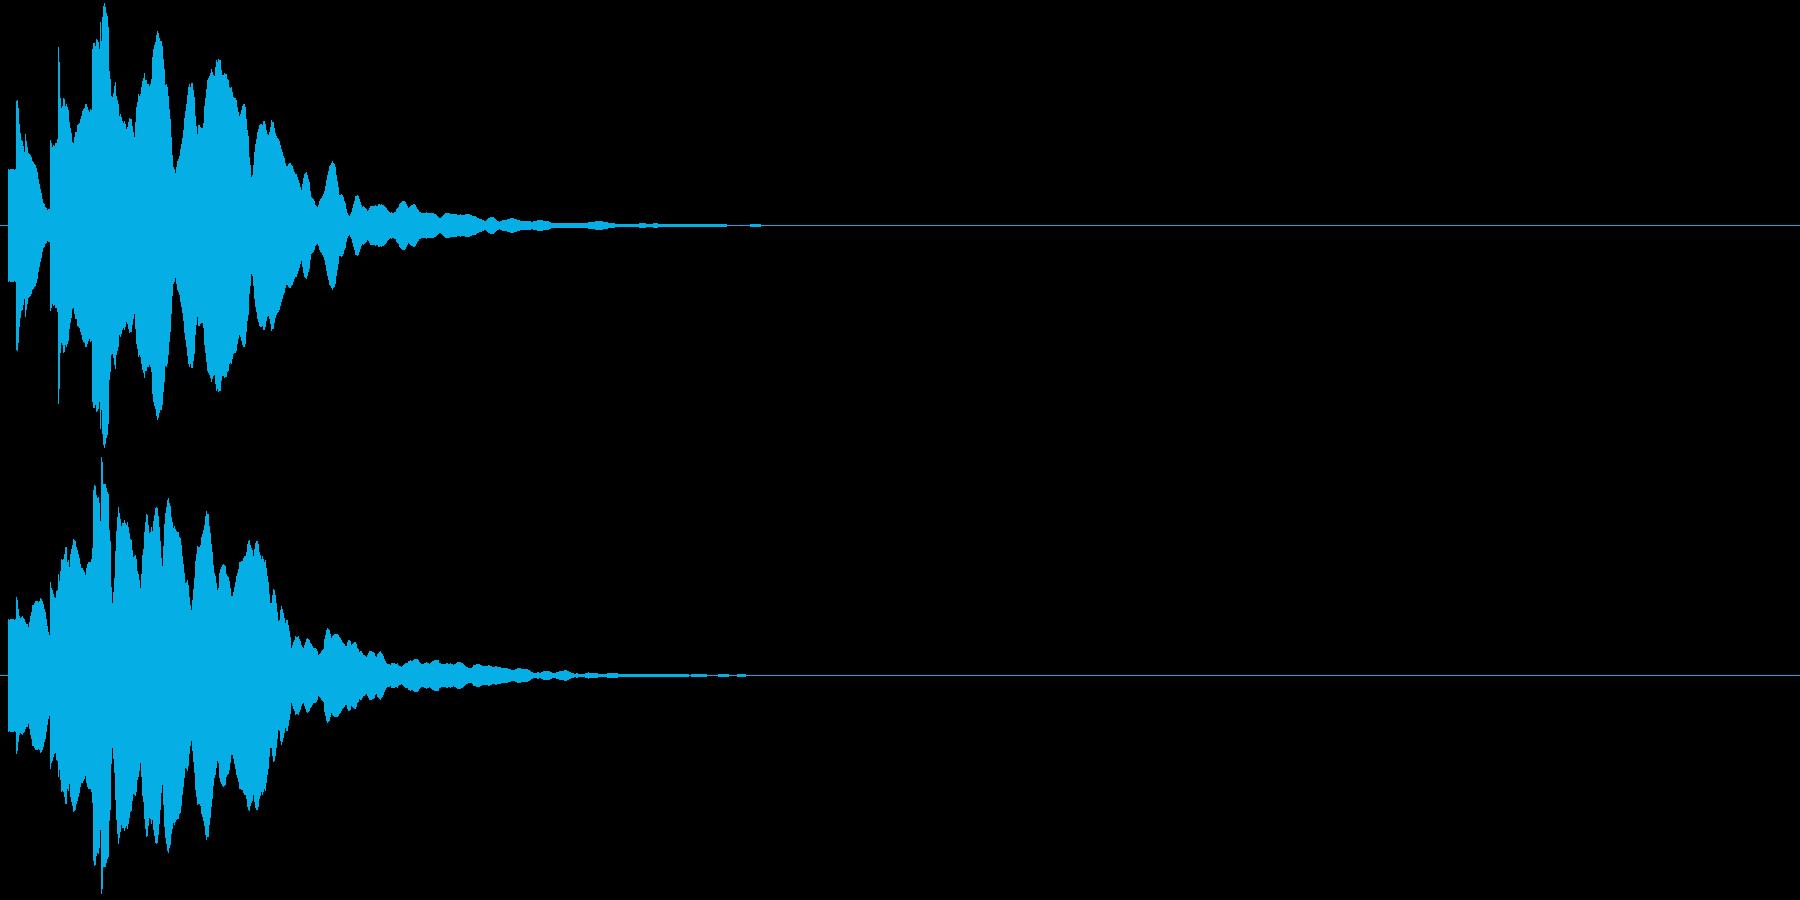 ひらめき 獲得 ゲット 入手 キラリン2の再生済みの波形